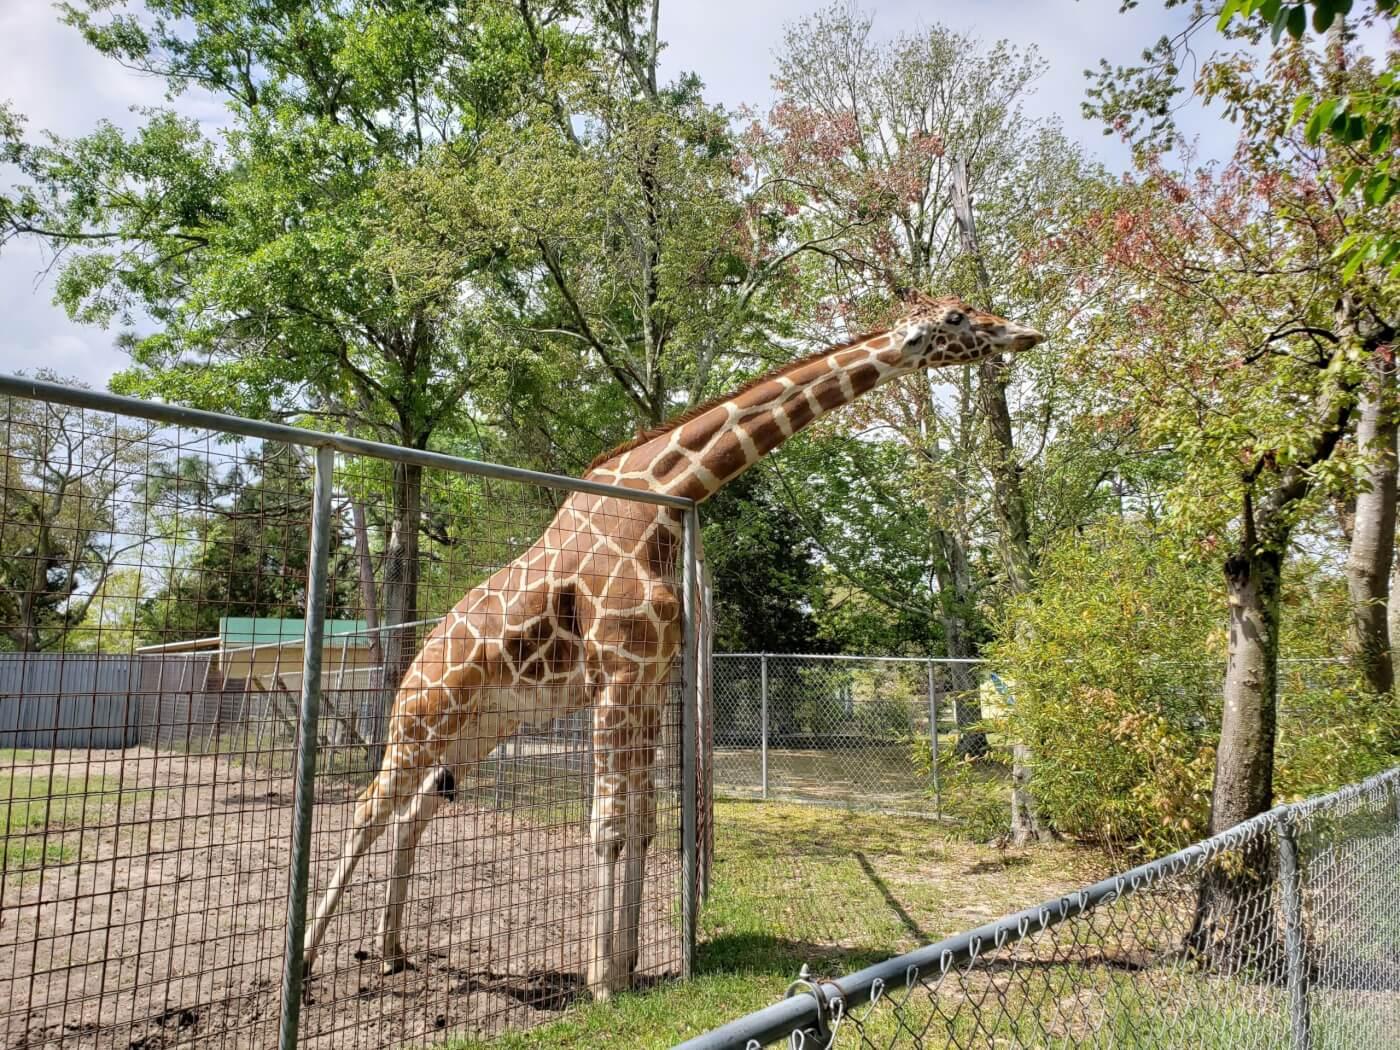 photo of giraffe at Tregembo